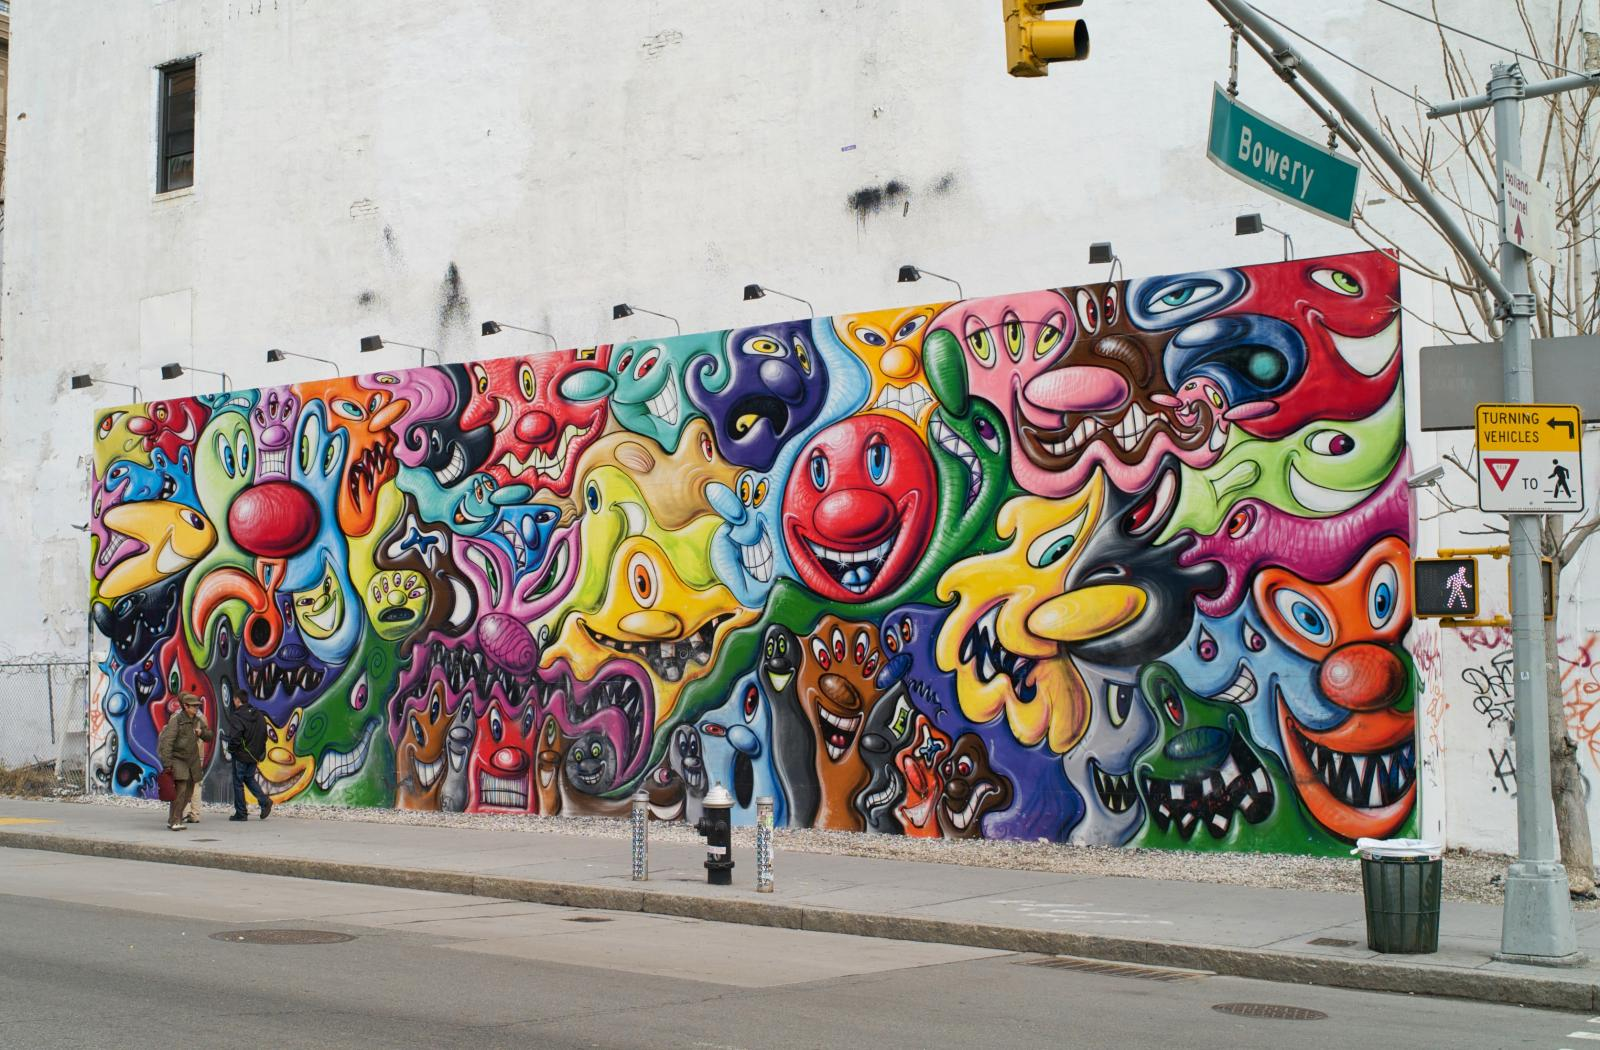 mural-en-east-village-nueva-york-bowery-160919110035001